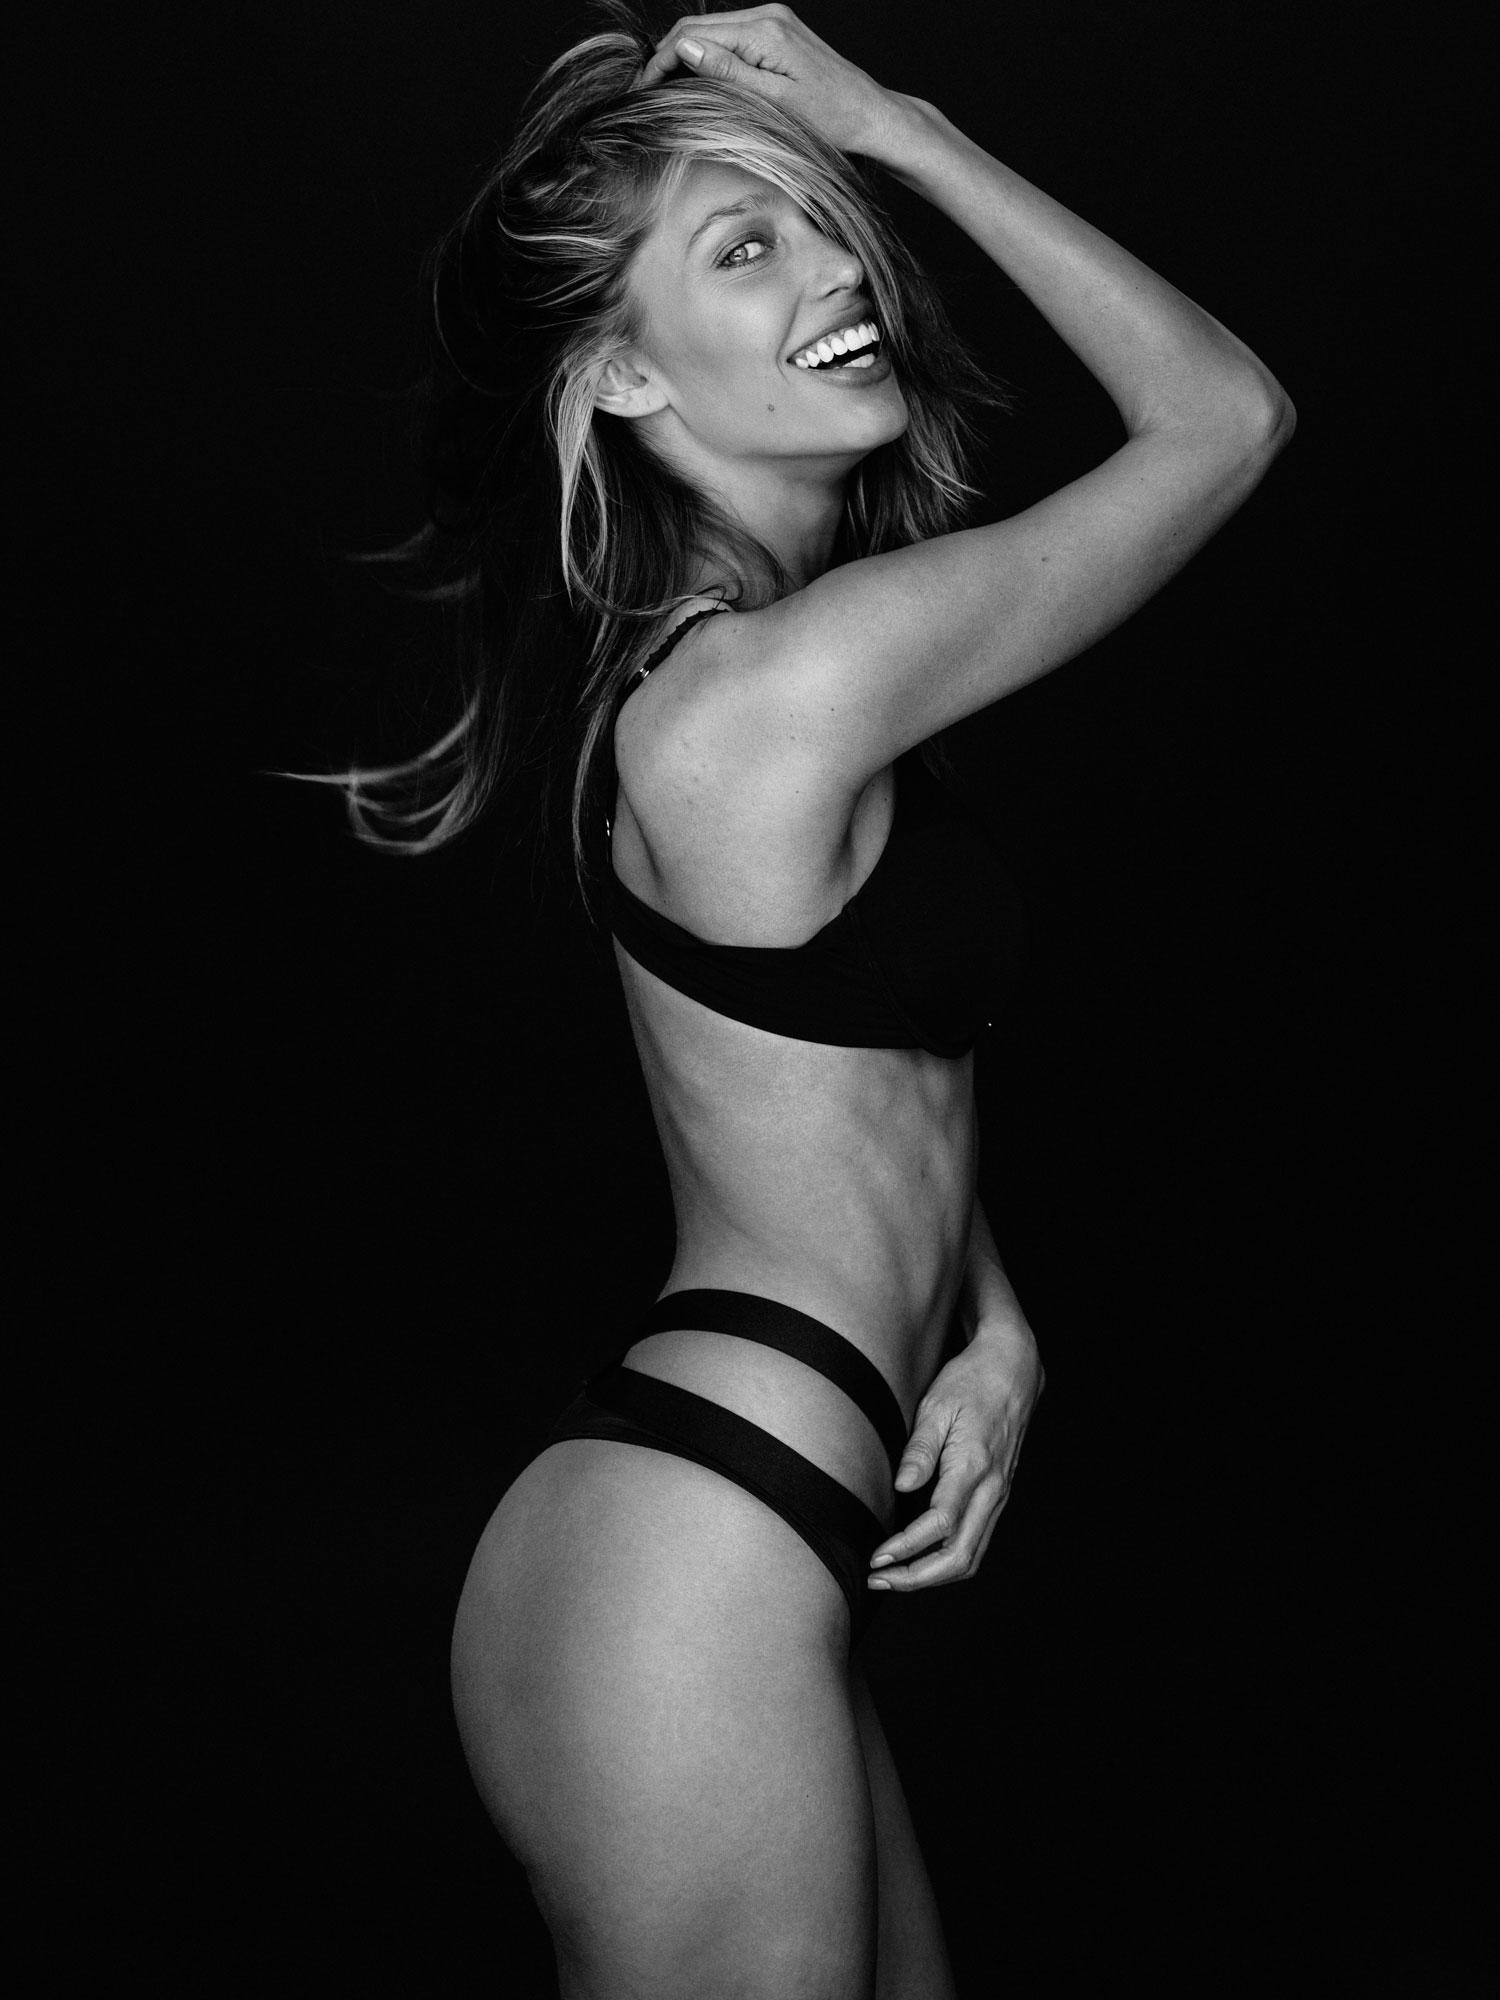 Meagan Lee